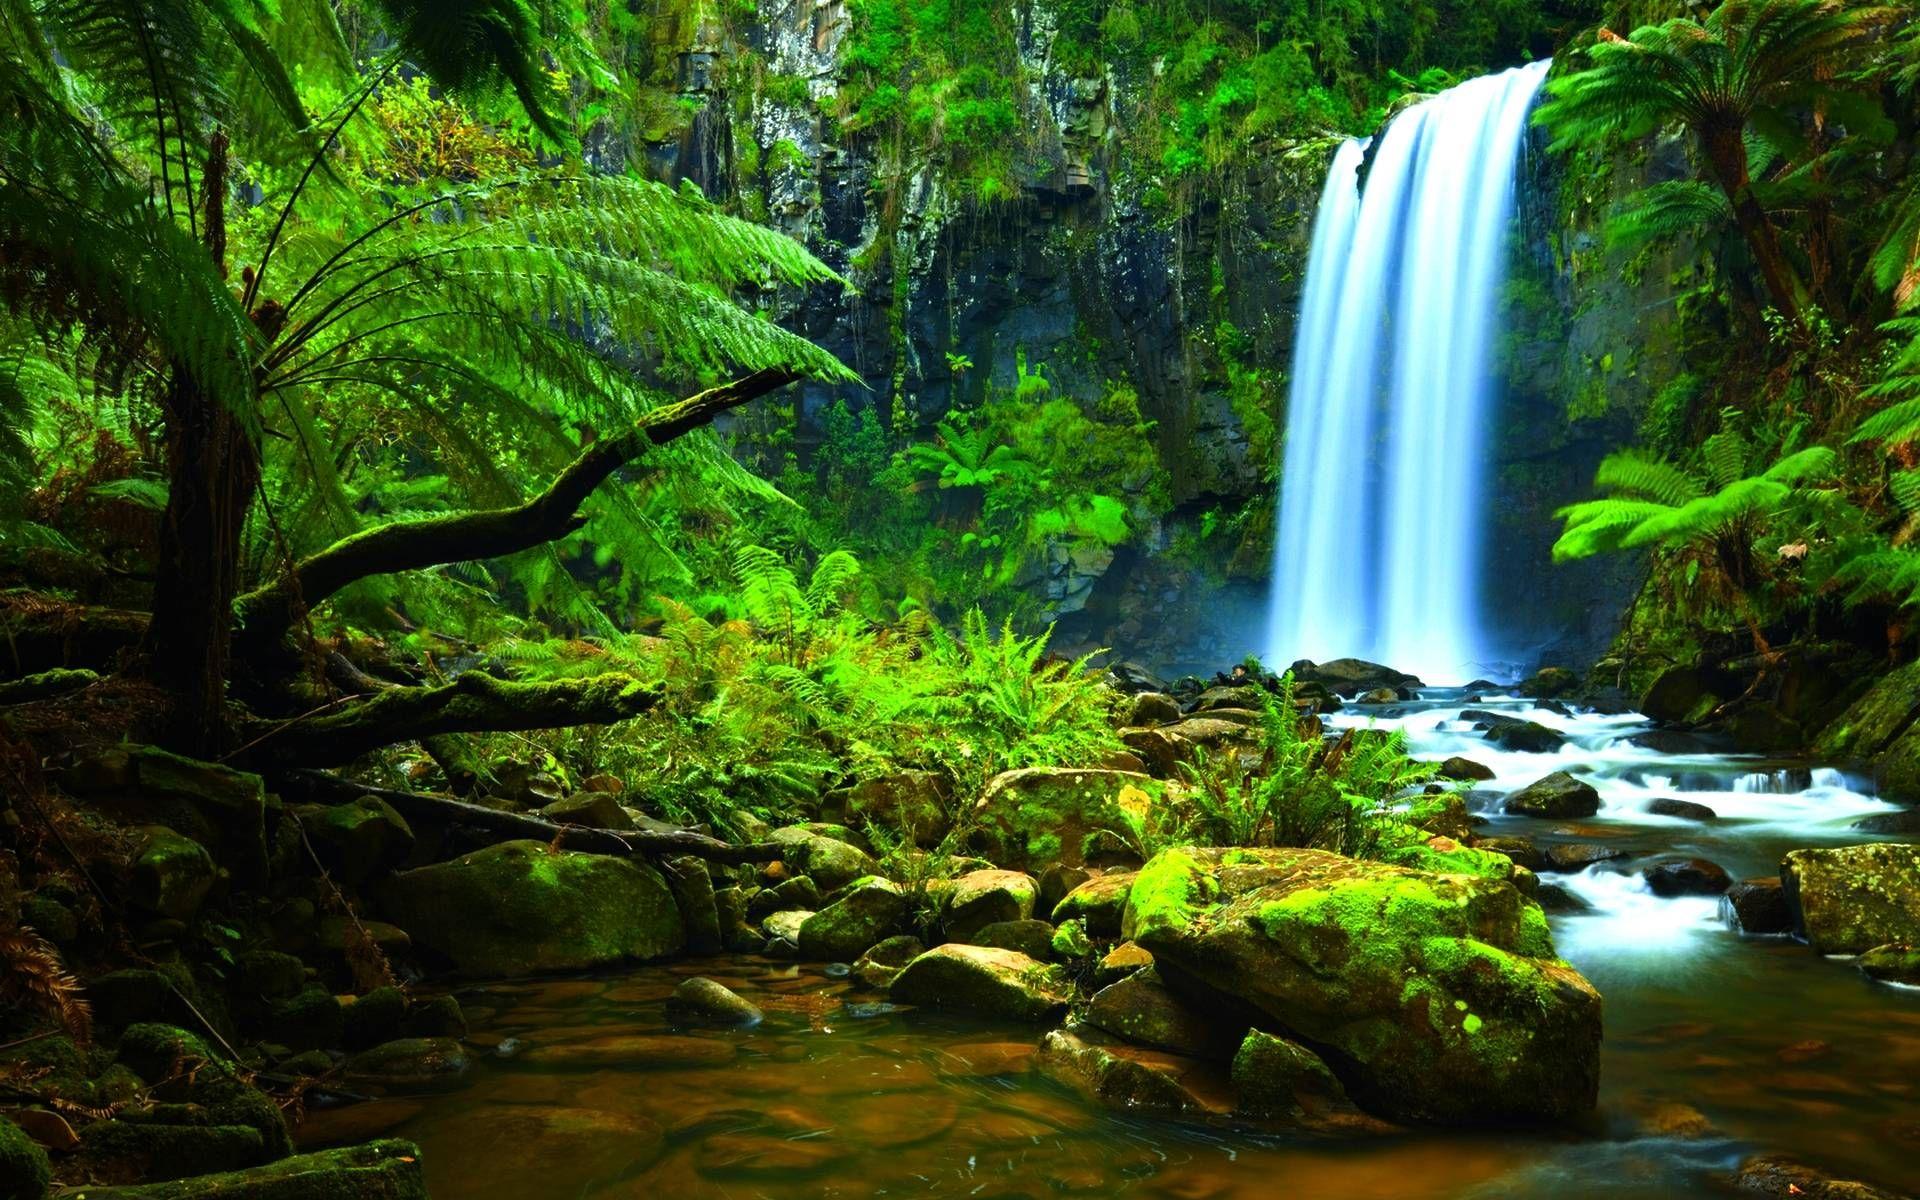 Rainforest Wallpaper Desktop 9hm Waterfall Wallpaper Amazon Rainforest Amazon Forest